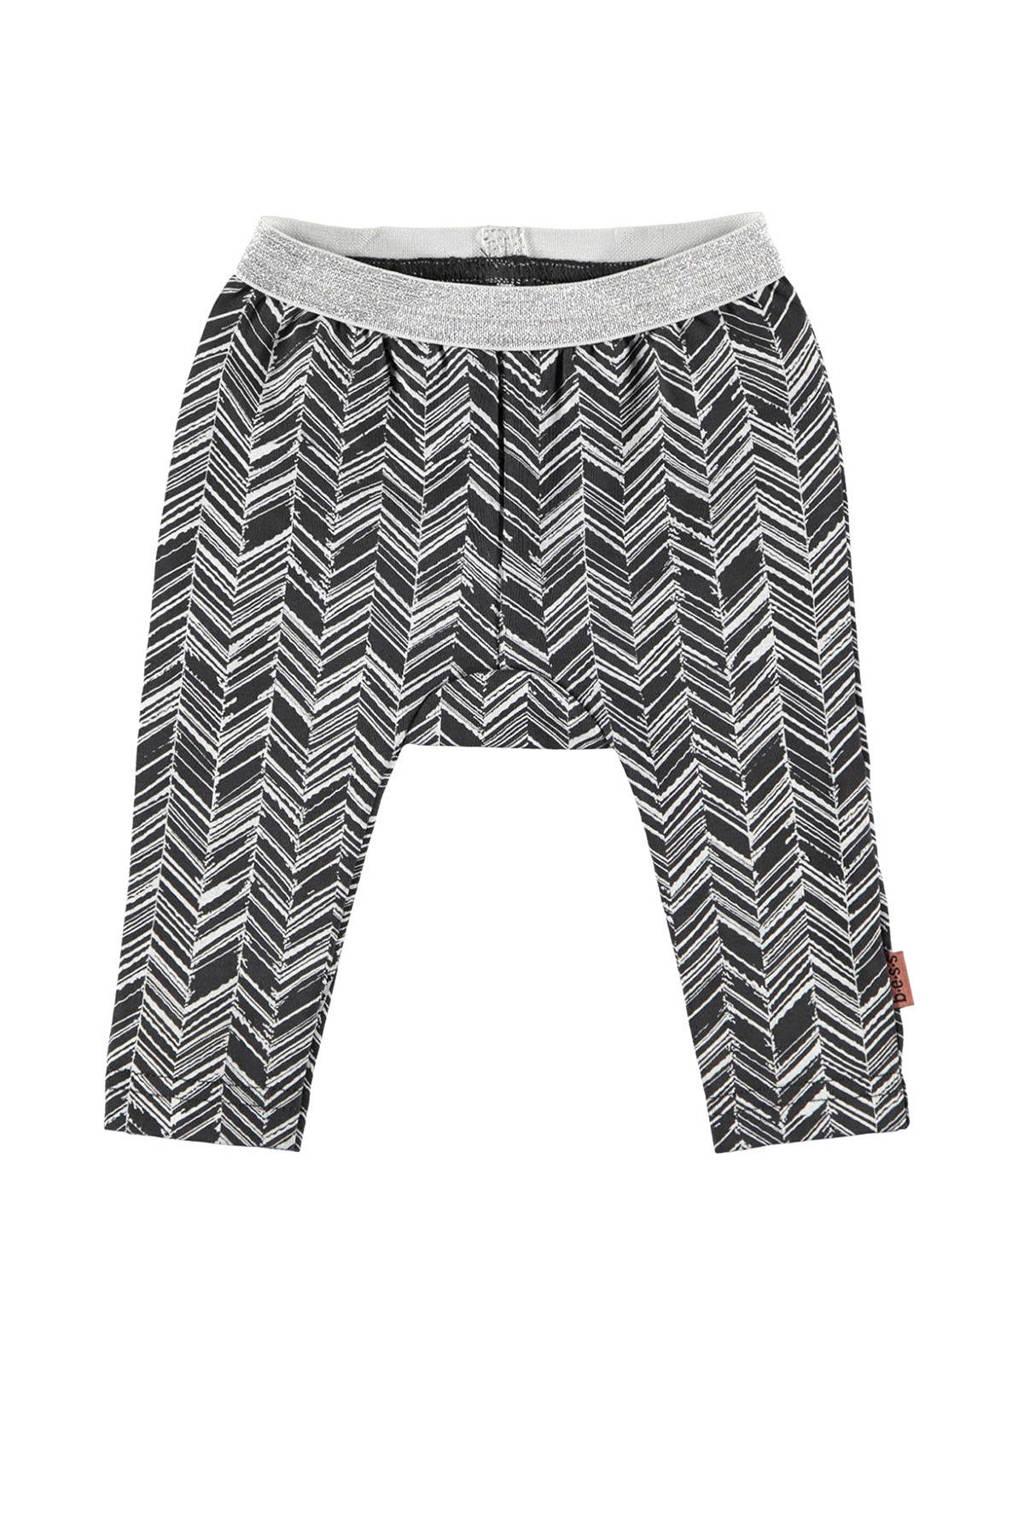 B.E.S.S baby legging met all over print zwart/grijs, Zwart/grijs